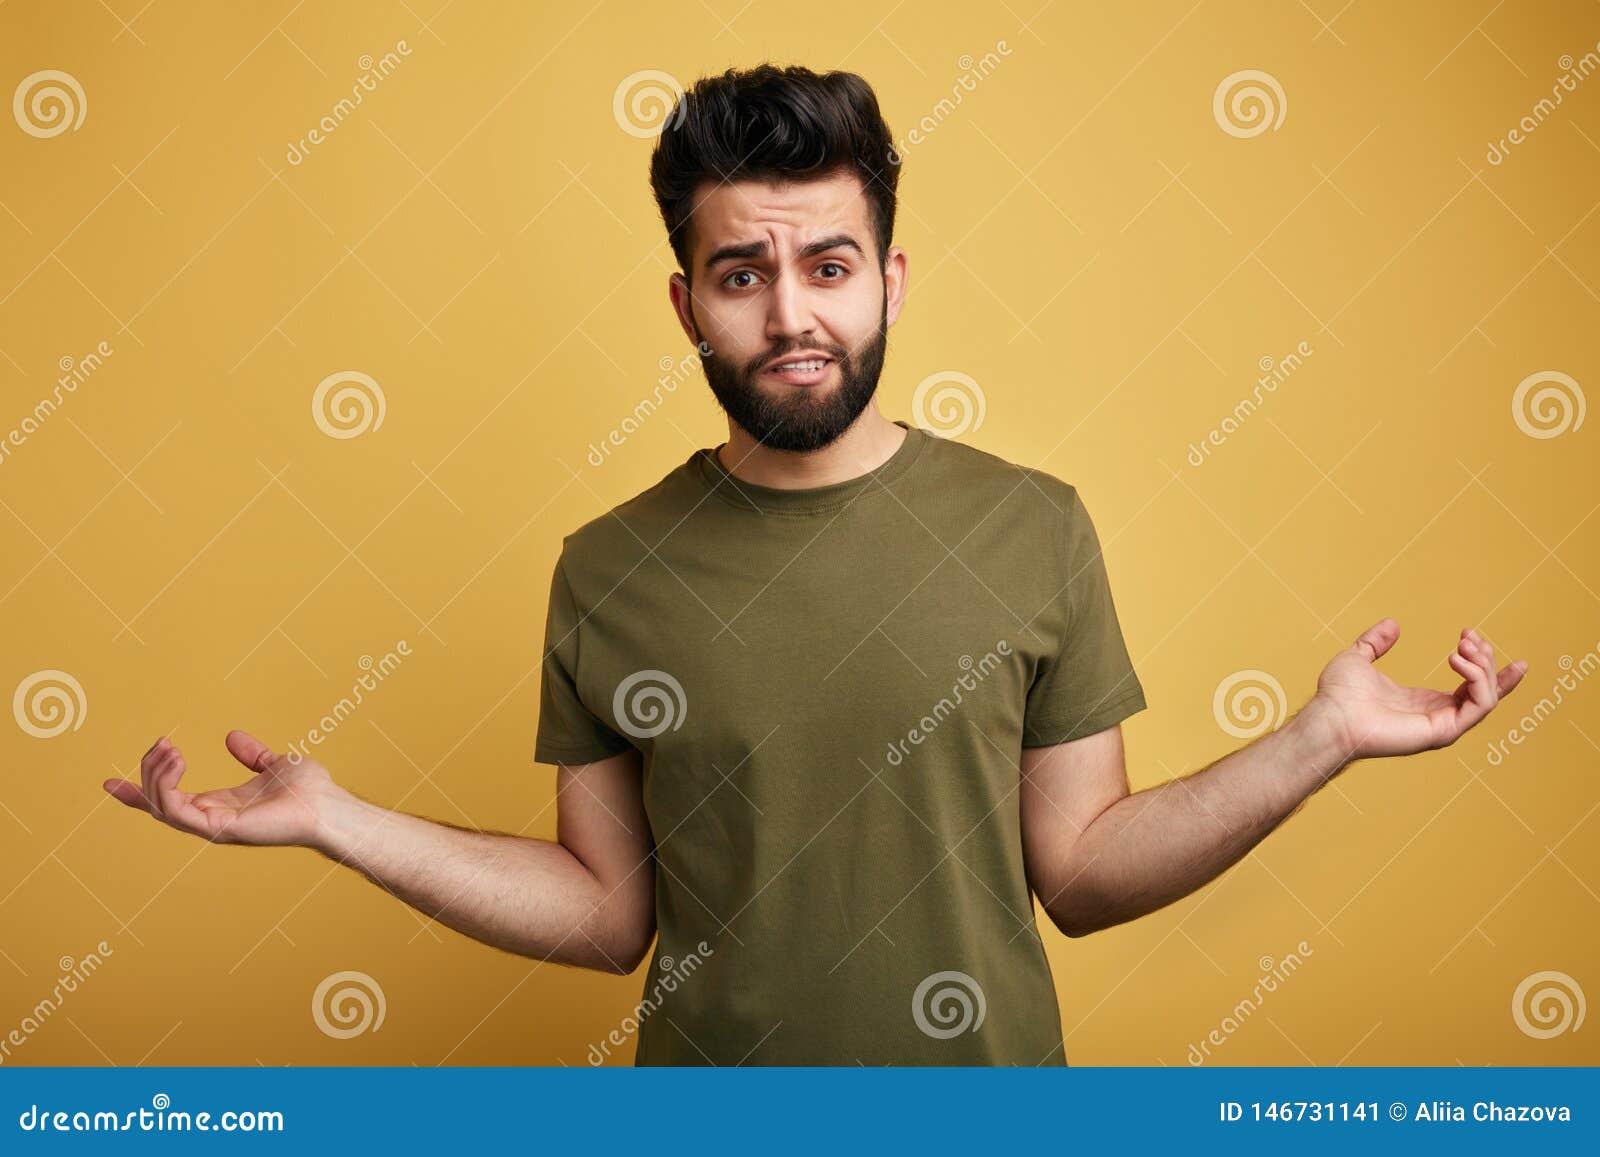 Osäker tvivelaktigt skäggig man som bär den gröna T-tröja som rycker på axlarna hans skuldror